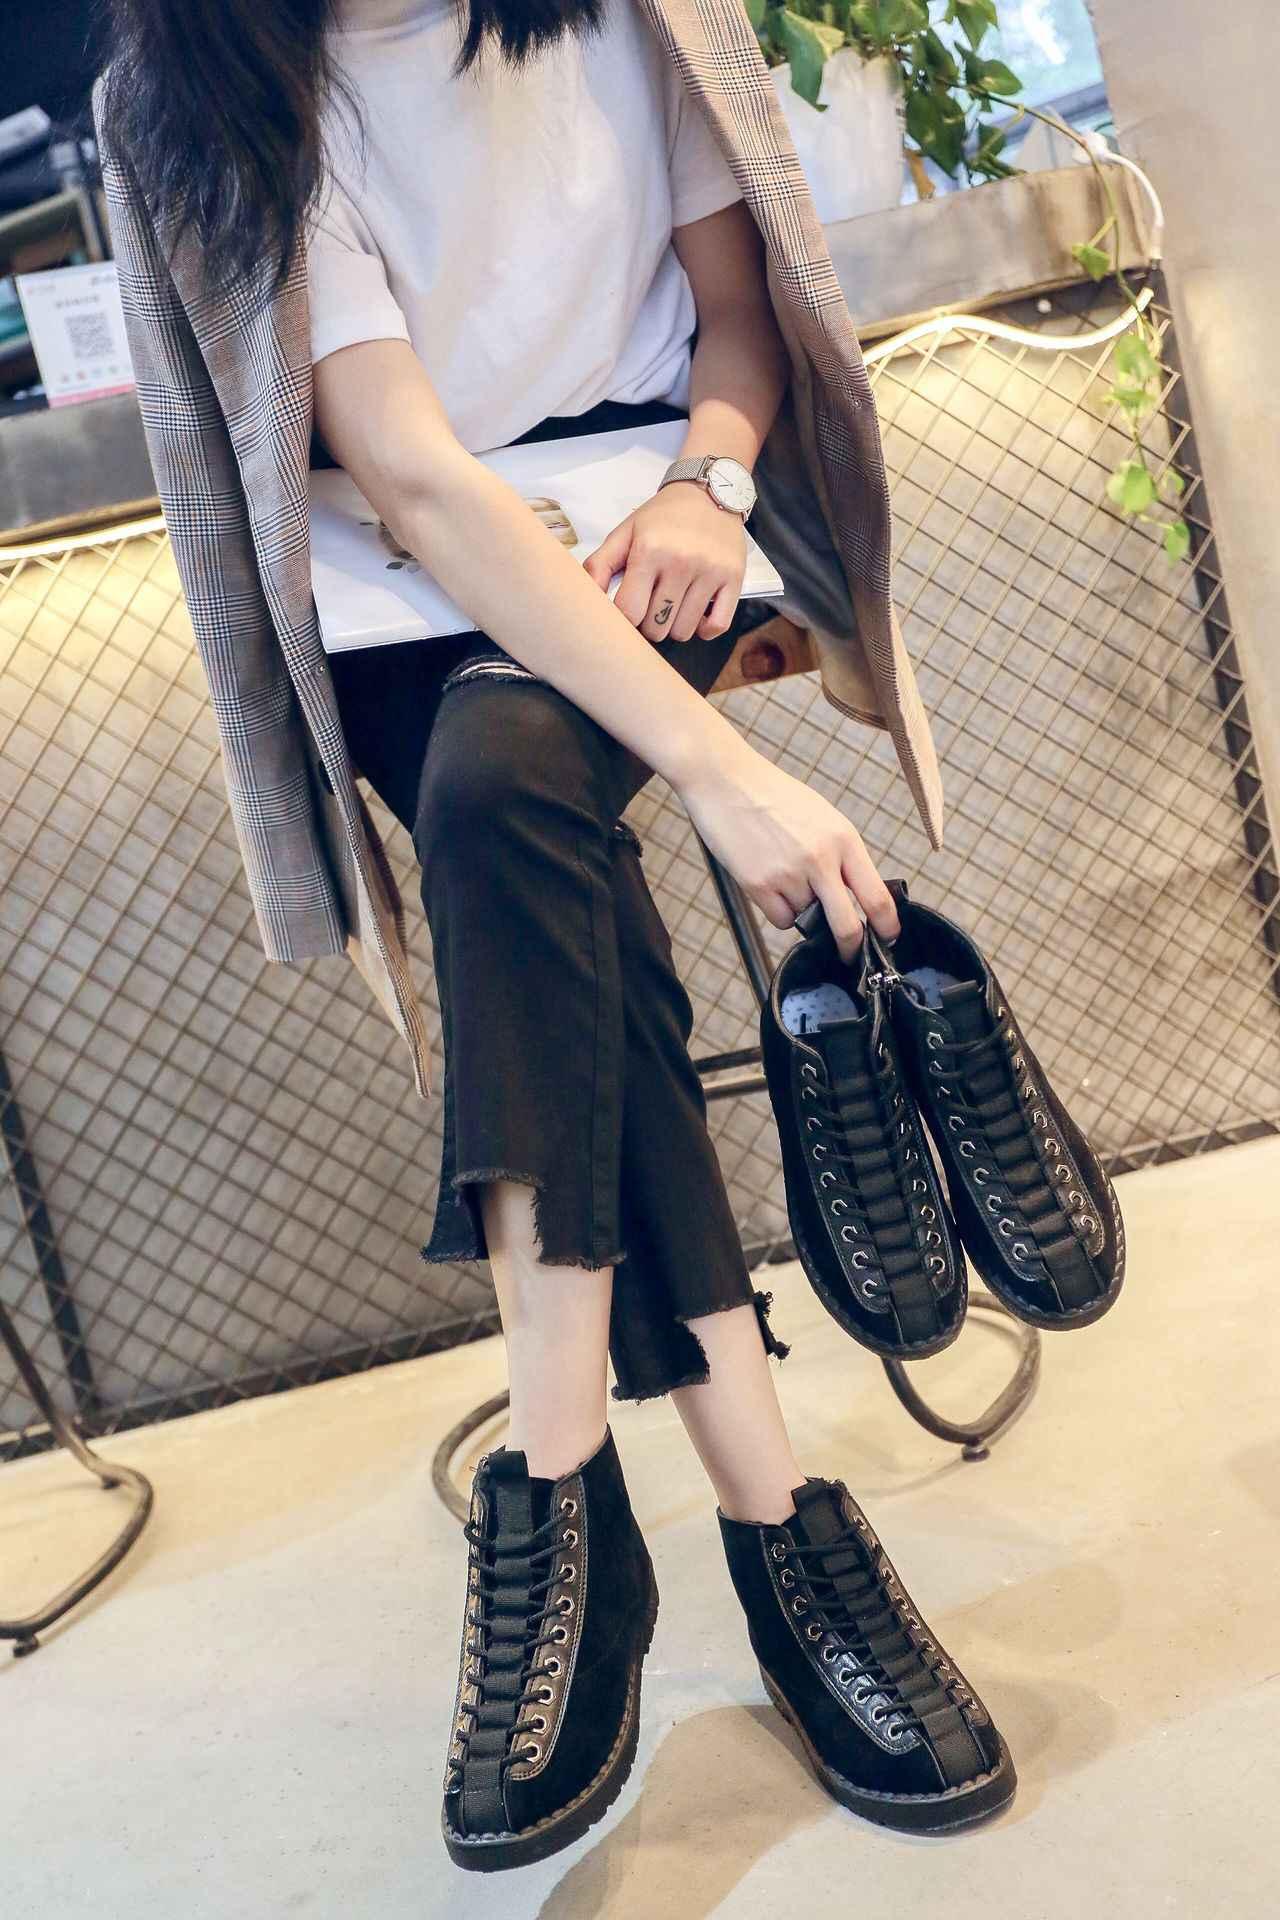 Fujin yeni moda çizmeler kadınlar 2020 kış ayakkabı kürk kış kar botları peluş Antiskid alt sıcak tutmak su geçirmez botlar artı boyutu